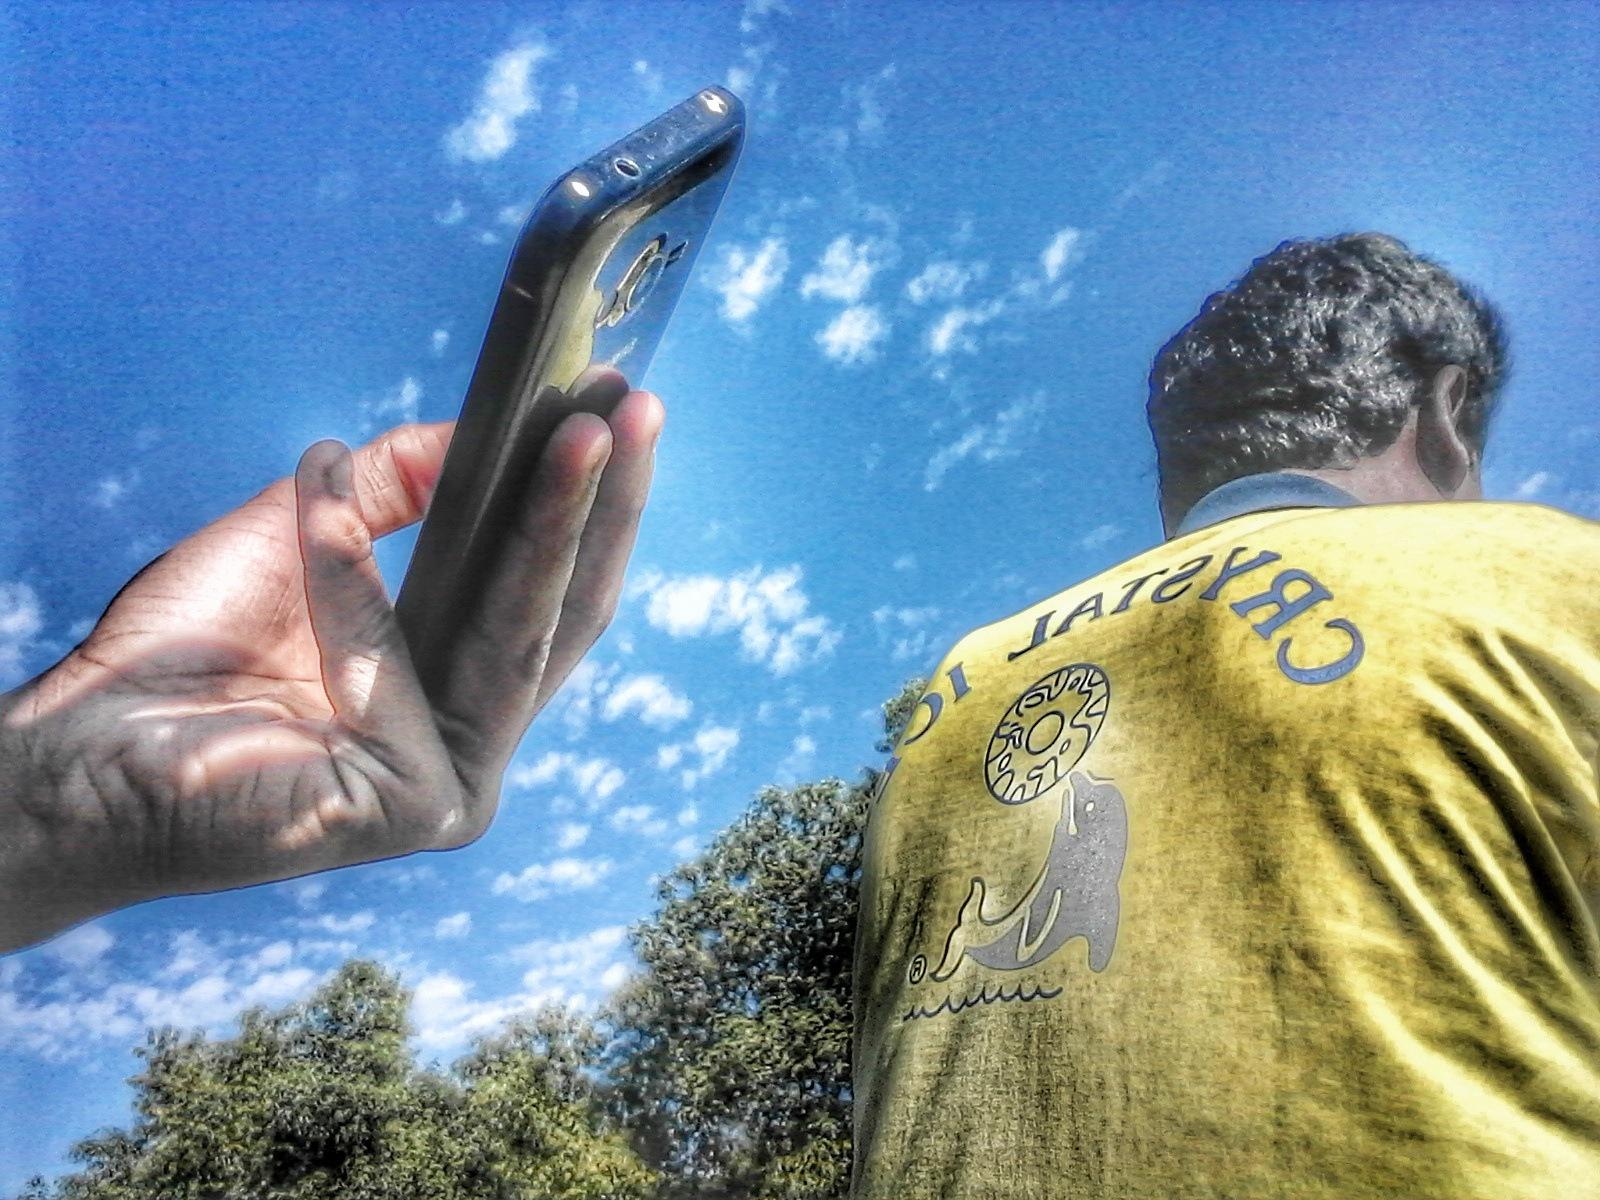 Selfie by Lokman hossain